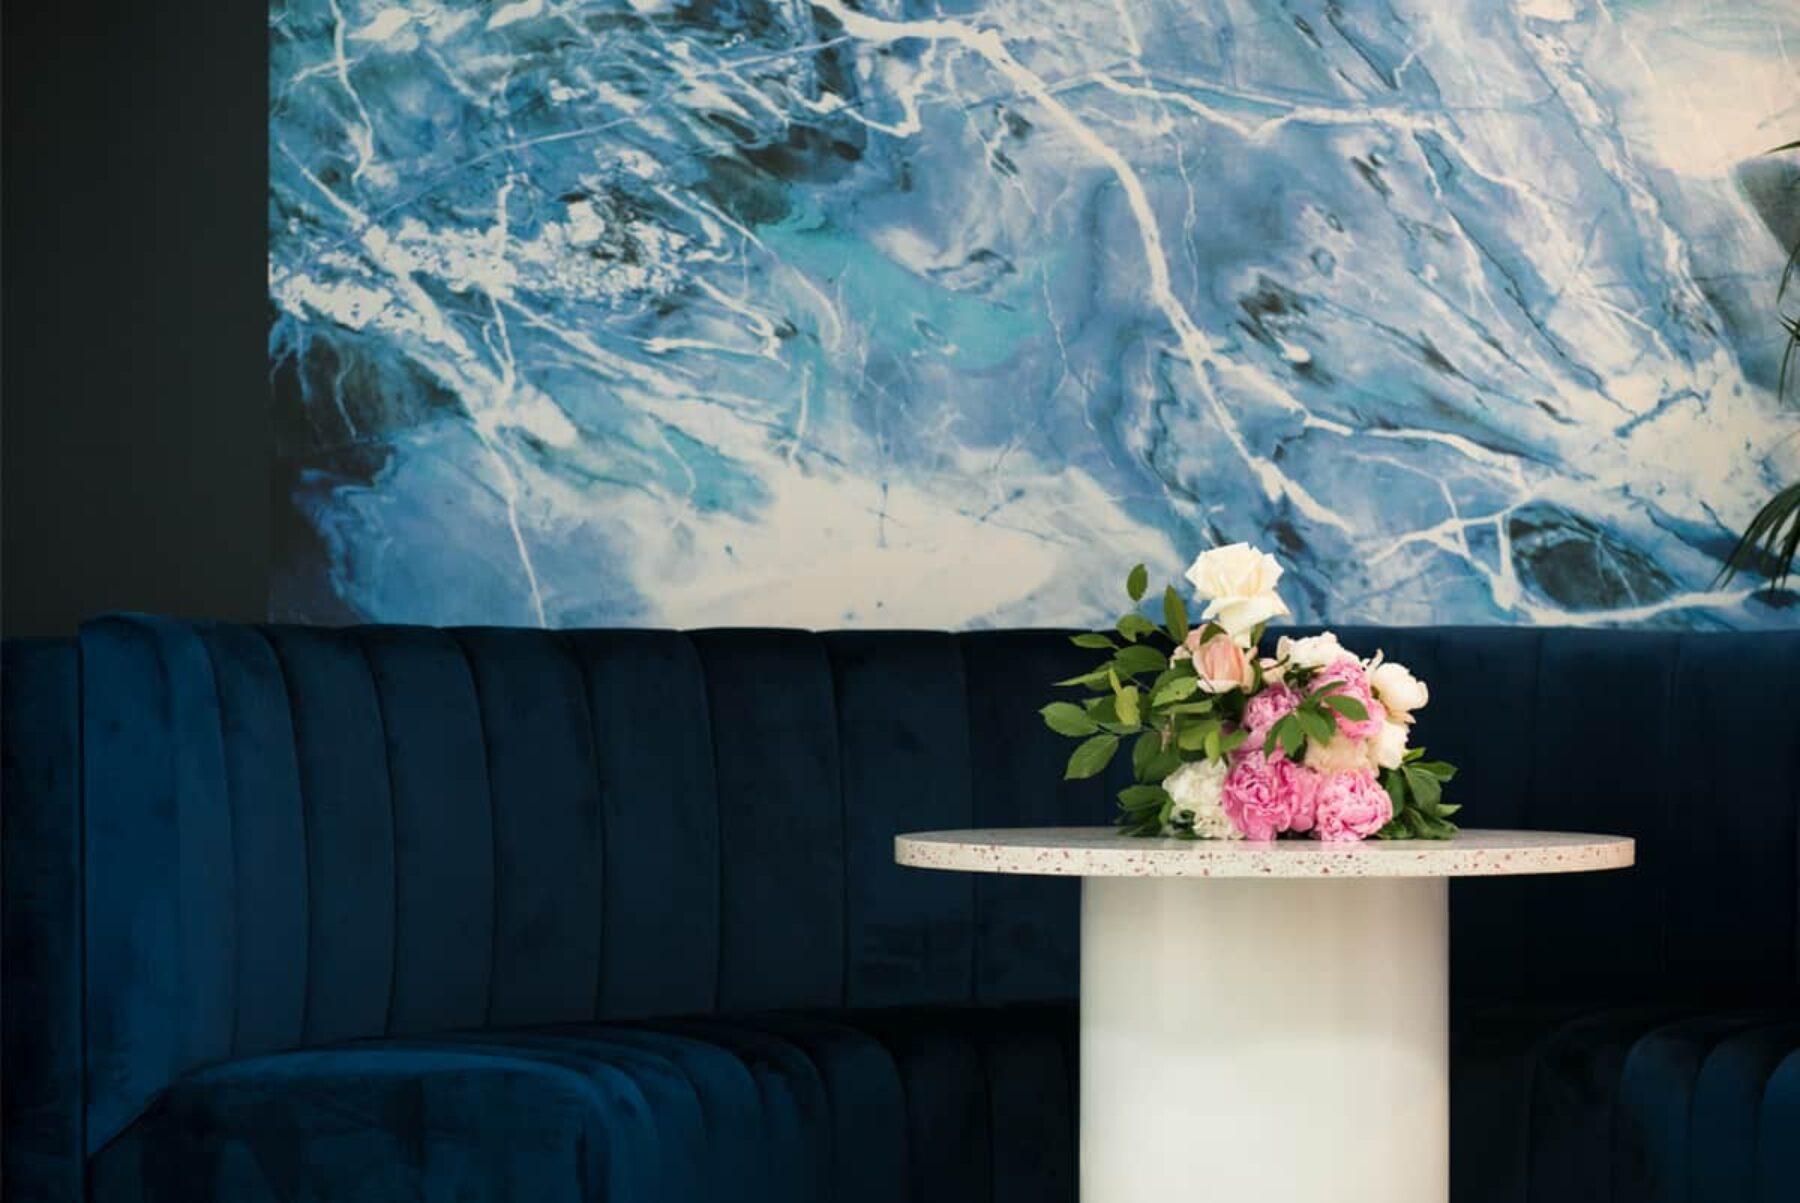 blue velvet couch - Dann Event Hire Melbourne